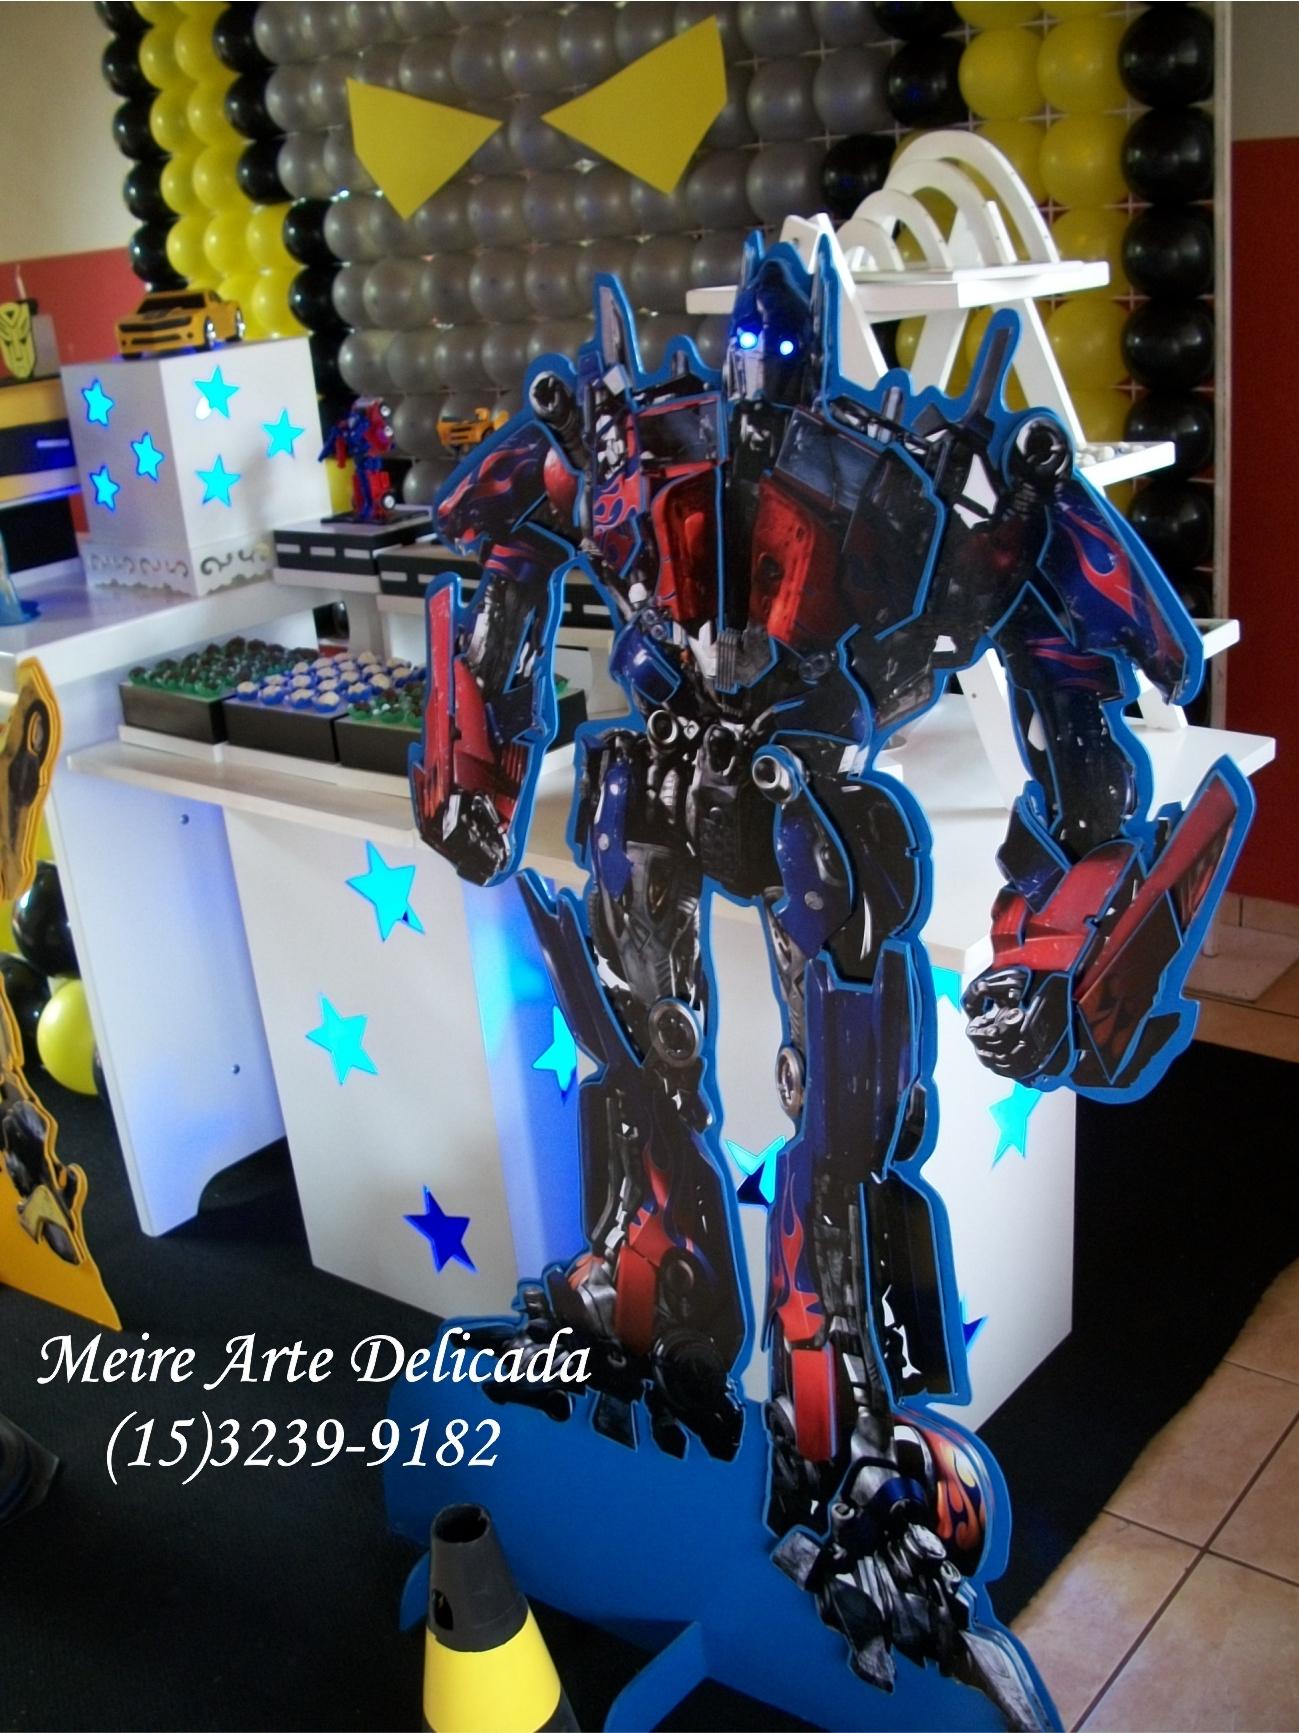 decoracao festa transformersfesta dos Transformers Clean Decoração